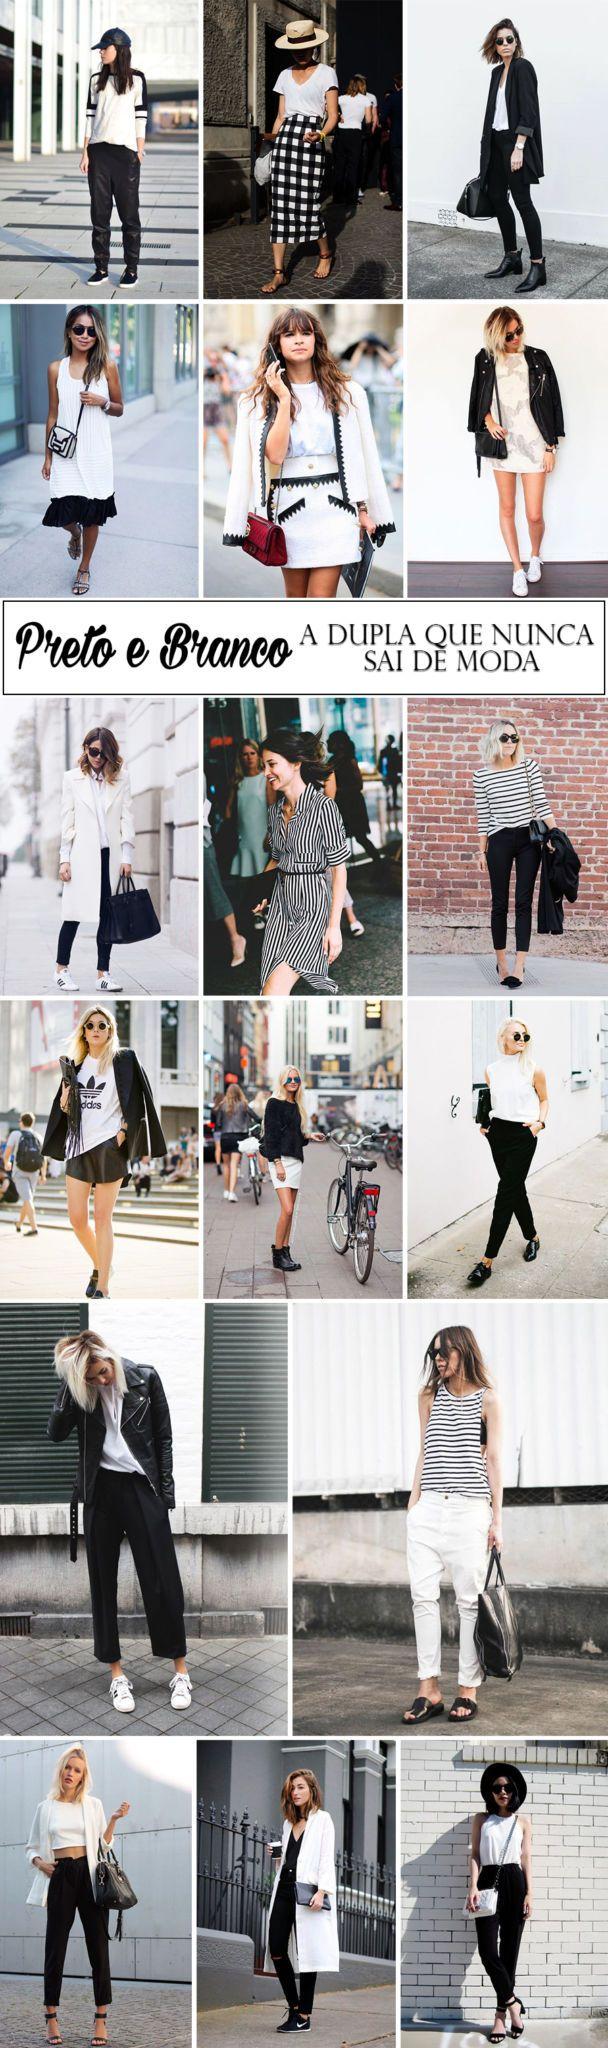 preto e branco a dupla que nunca sai de moda blog da mariah looks inspiracoes